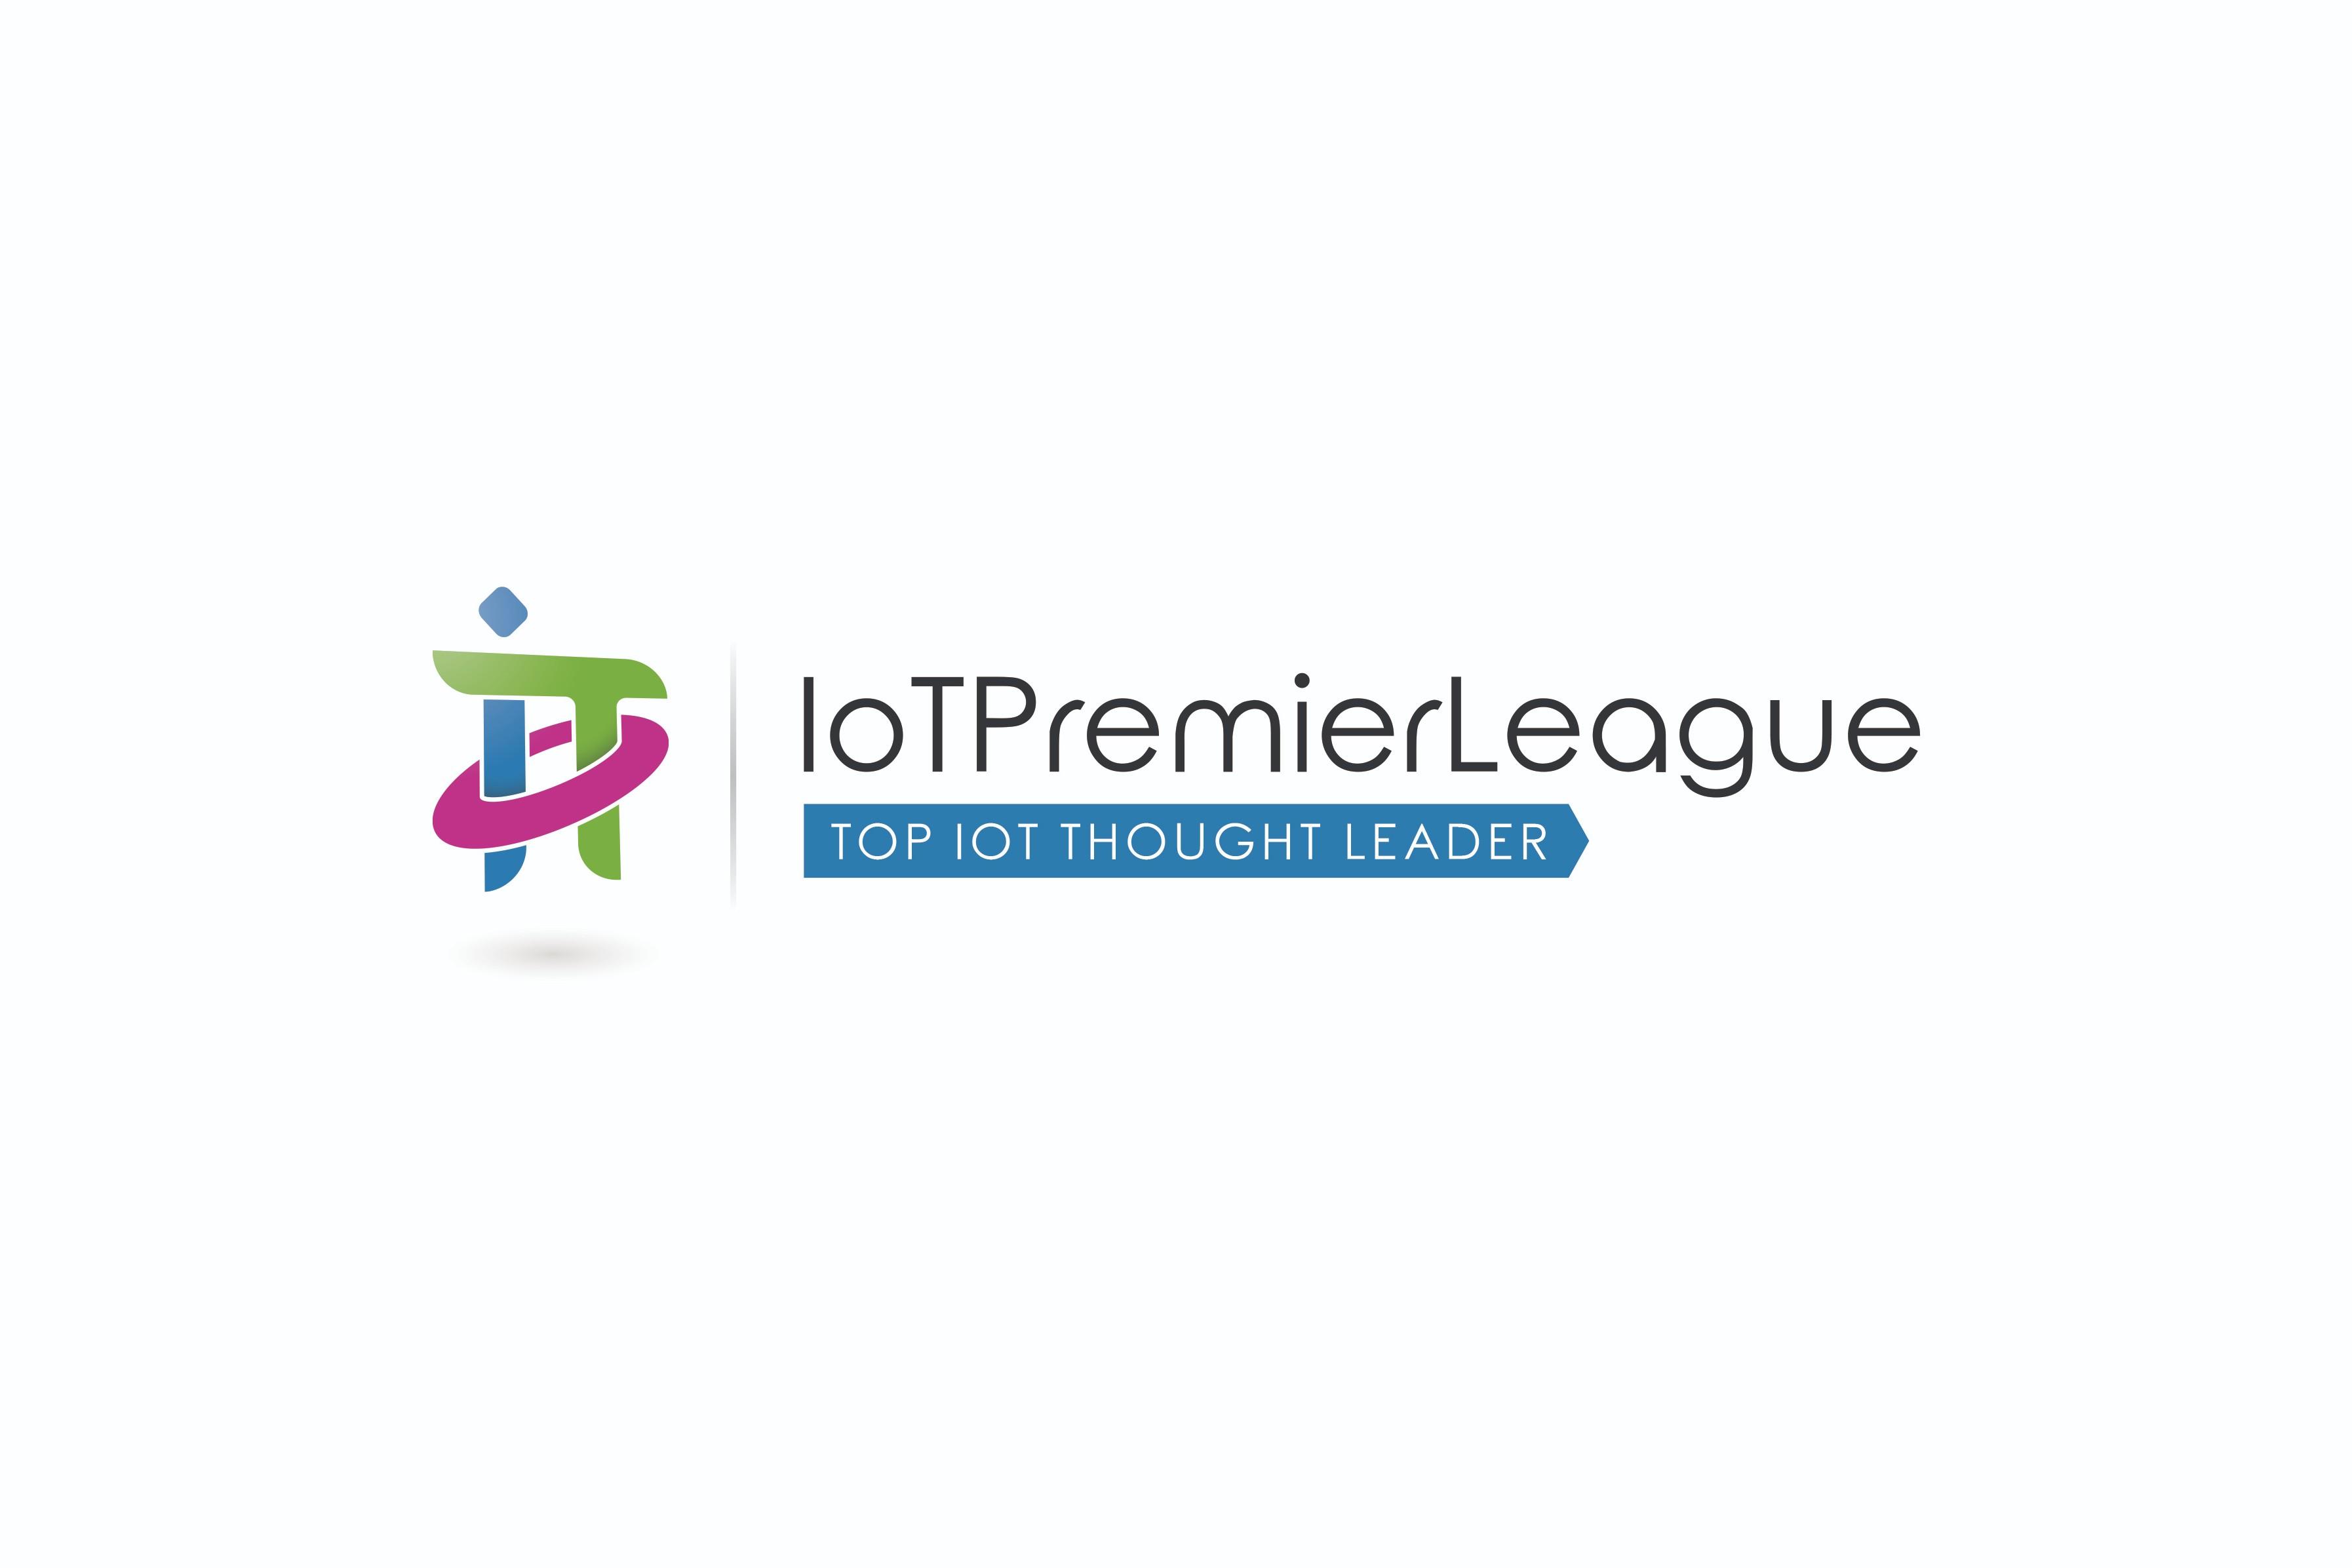 Iot Premier League ™